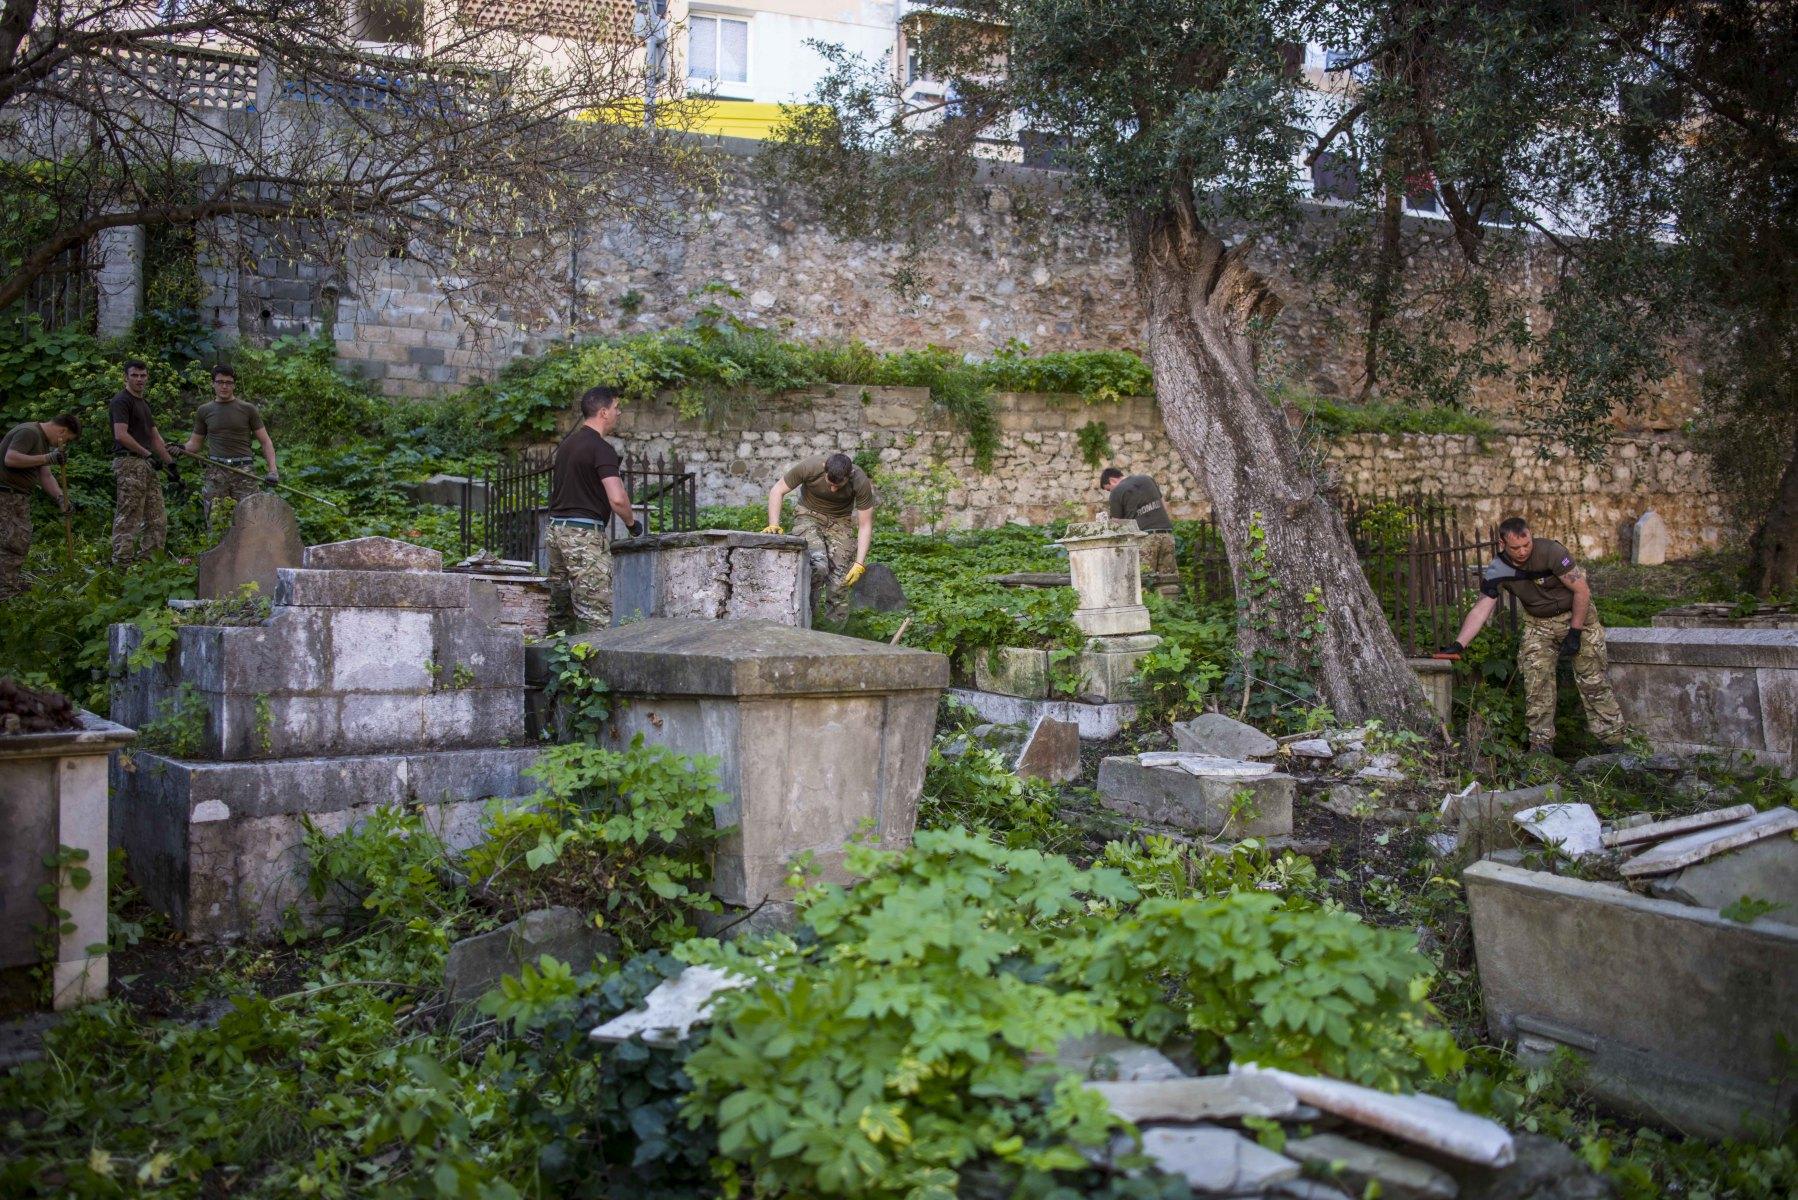 restauracin-cementerio-witham-6_24850848043_o